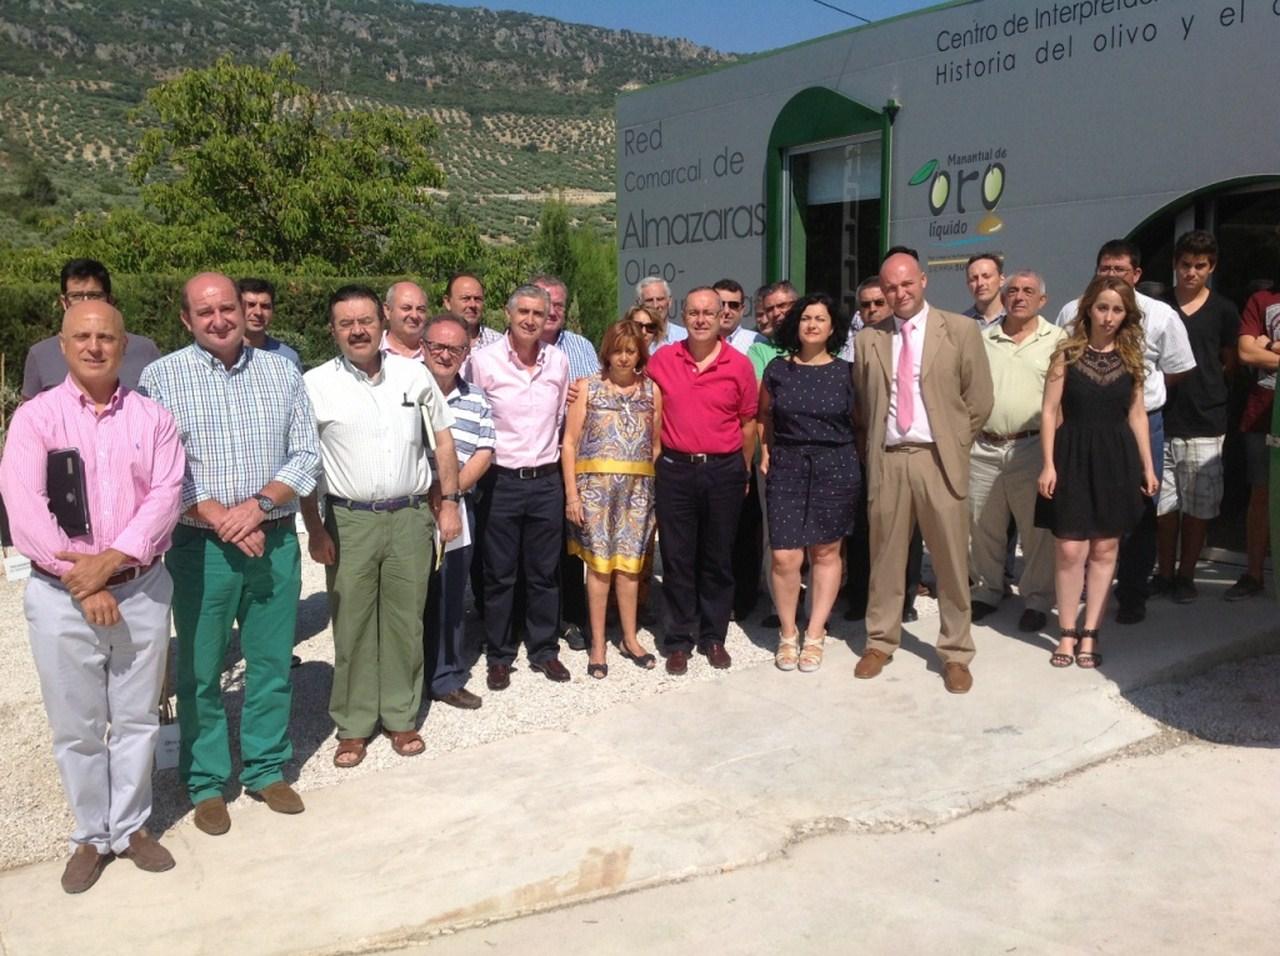 La Junta ensalza la proyecci�n tur�stica de la red de almazaras de la Sierra Sur en torno a la promo